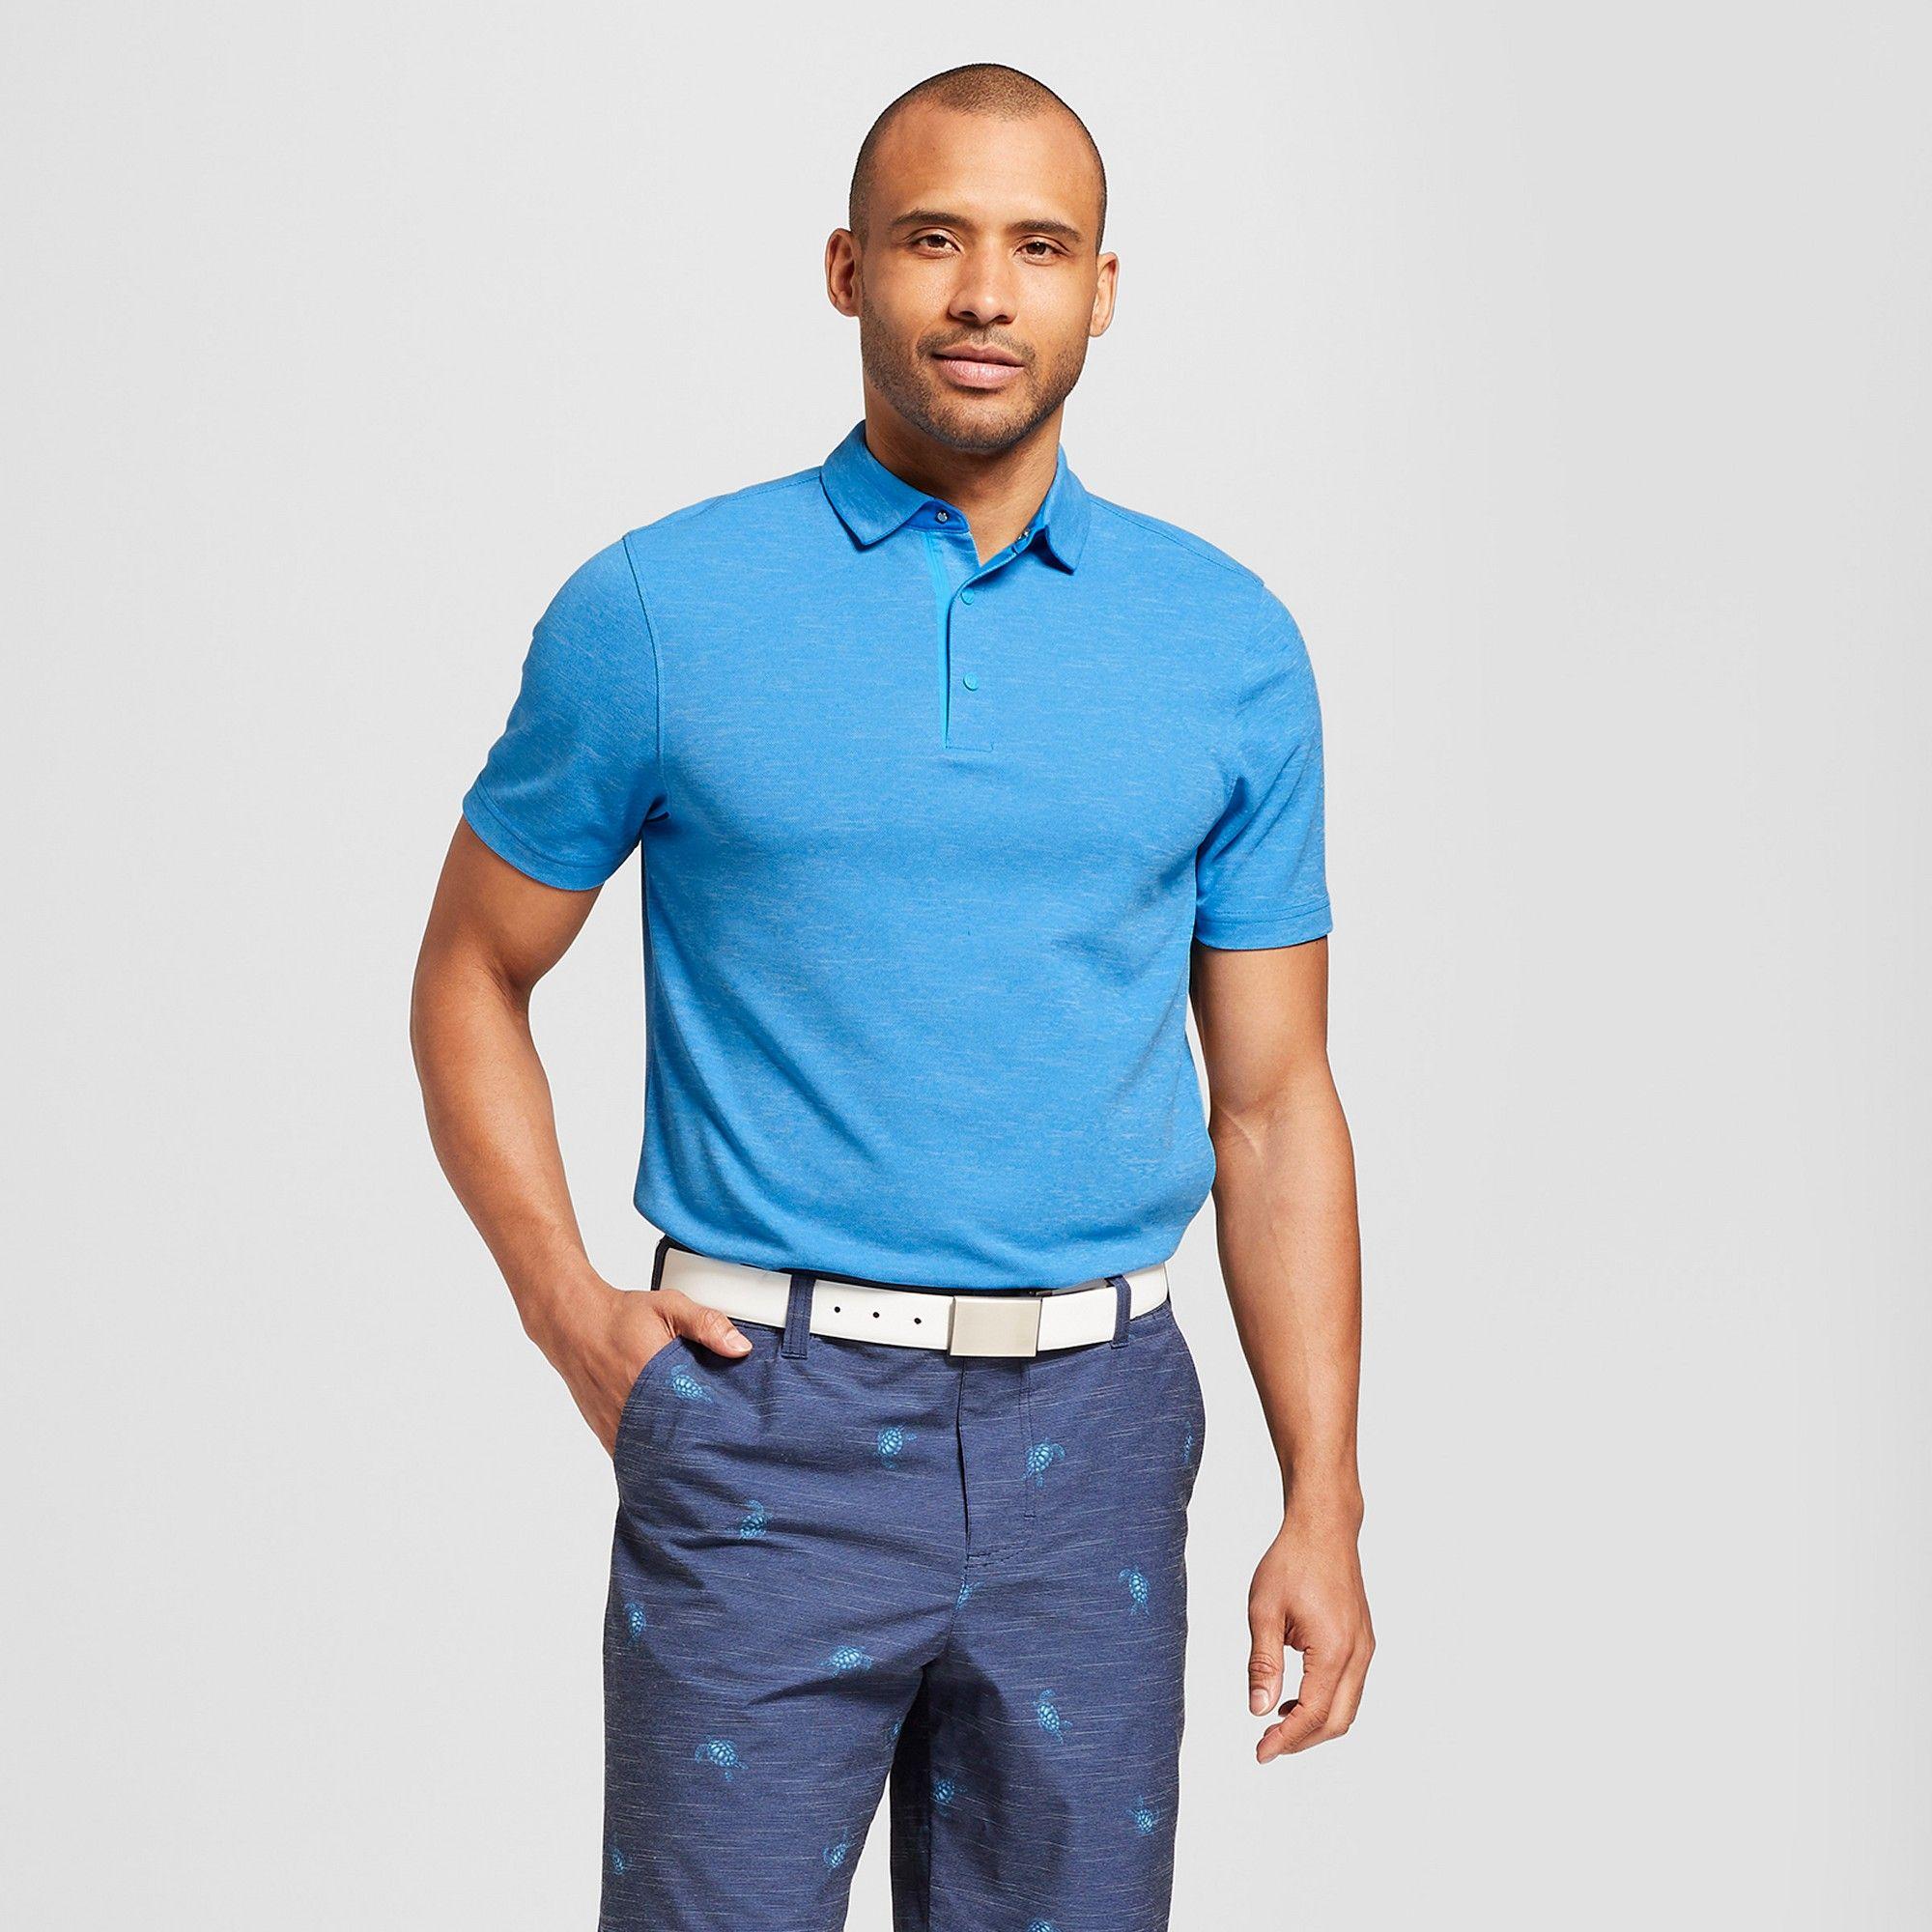 cf999d9d2 Men s Pique Golf Polo Shirt - C9 Champion Hotline Blue Heather Xxl ...